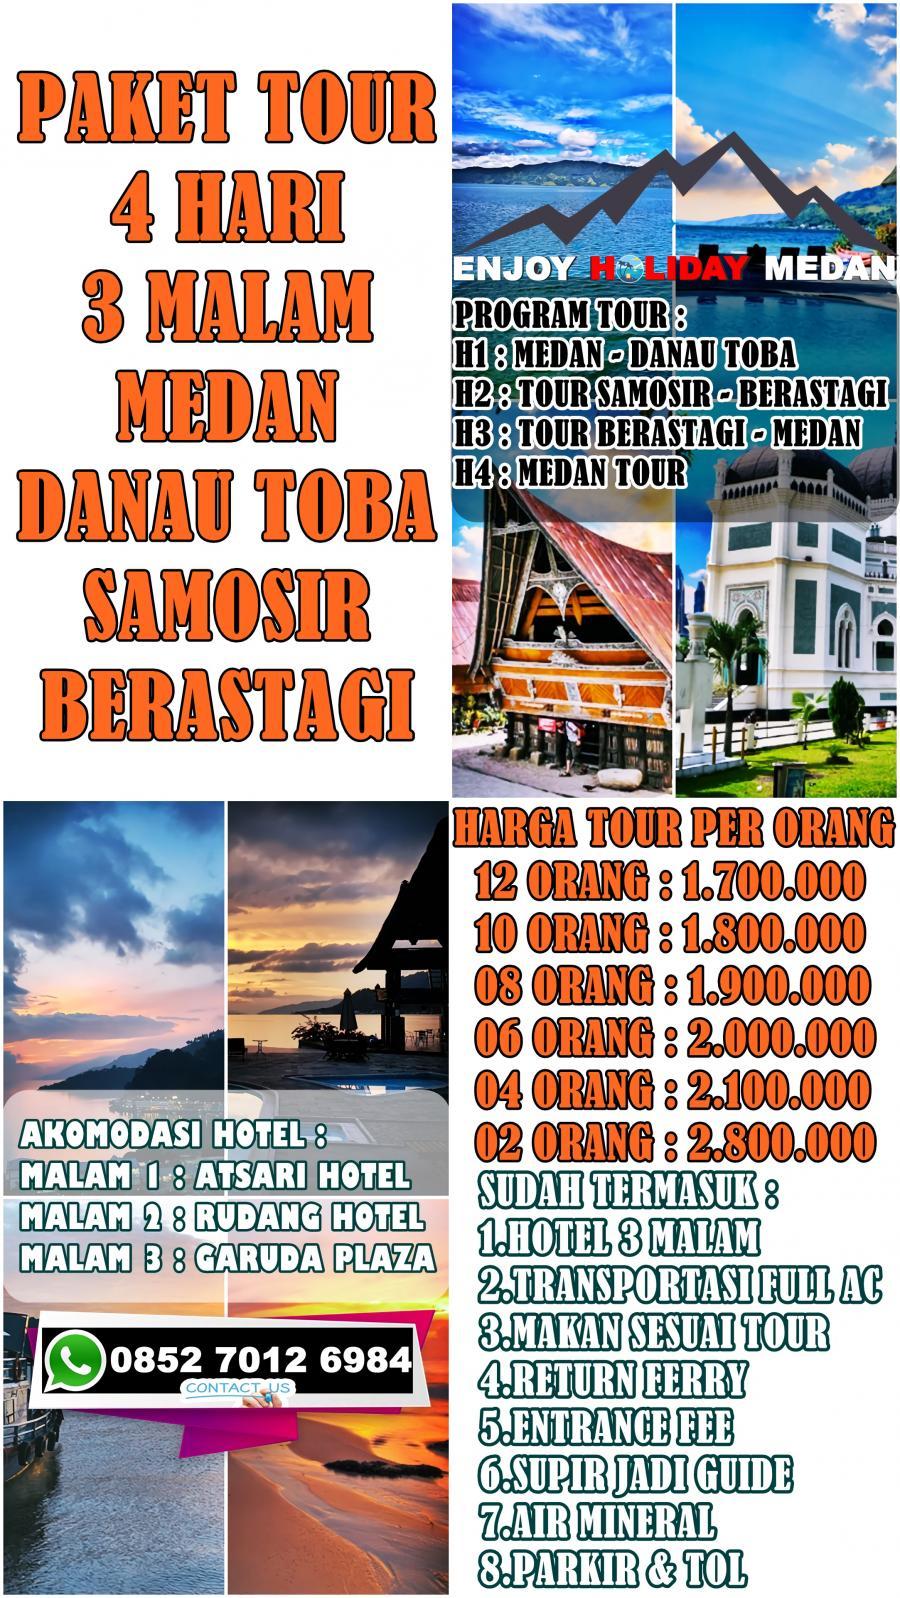 Ziarek Tour Medan Danau Toba 4 Hari 3 Malam